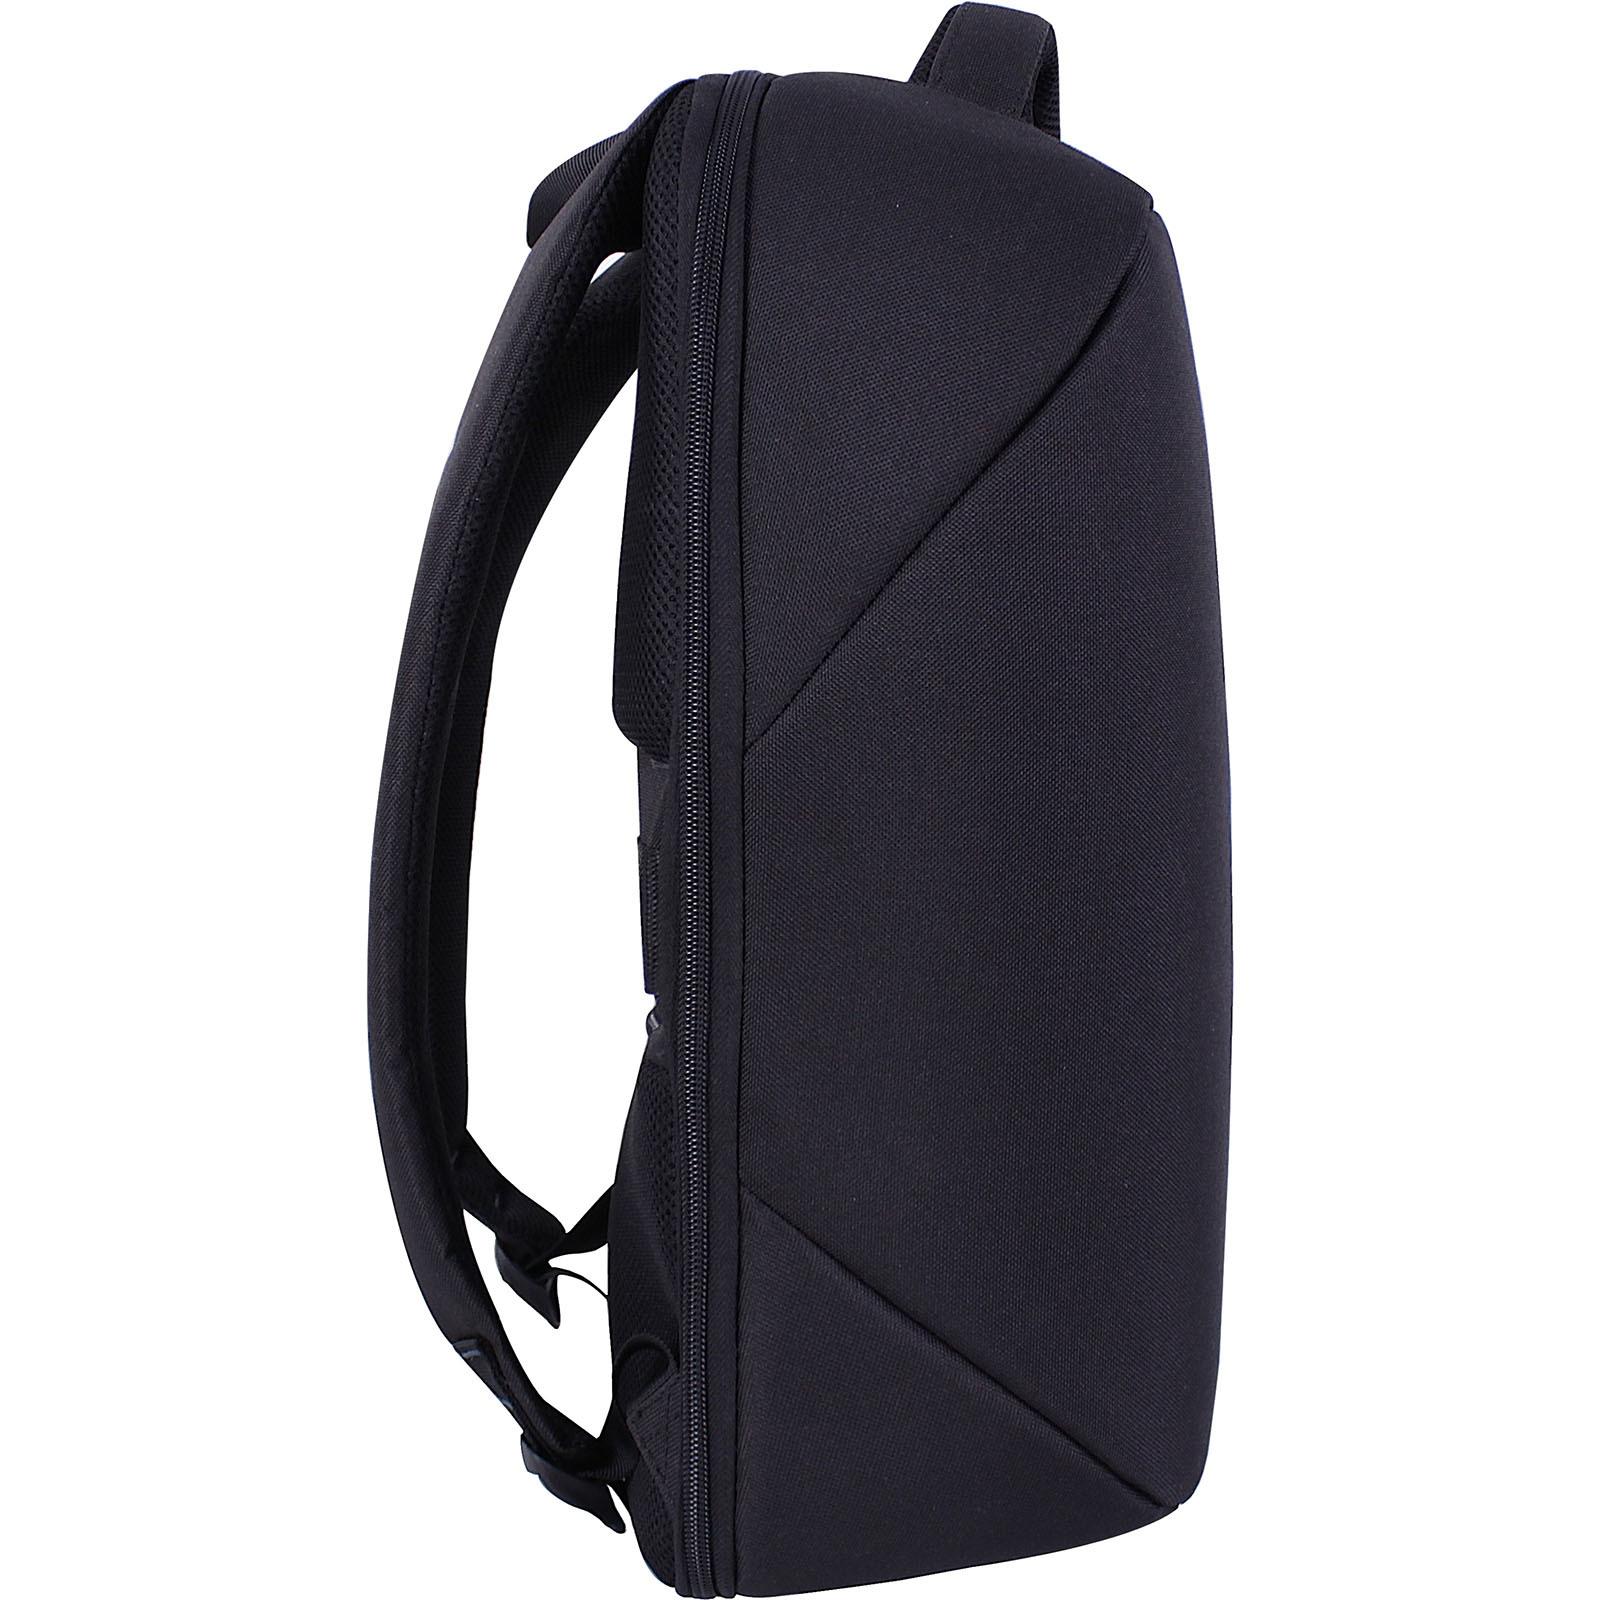 Рюкзак для ноутбука Bagland Shine 16 л. Чёрный (0058166) фото 2